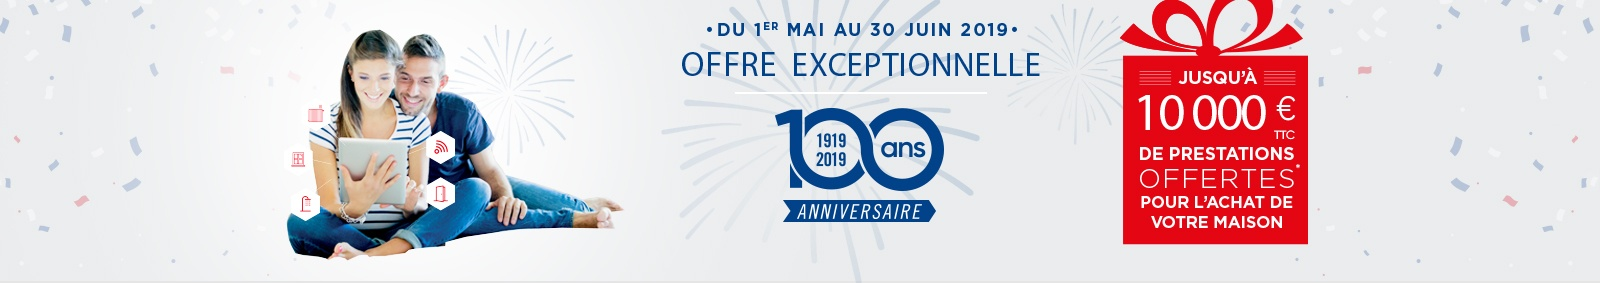 Du 1er mai au 30 juin 2019, jusqu'à 10 000 € de prestations offertes pour l'achat de votre maison